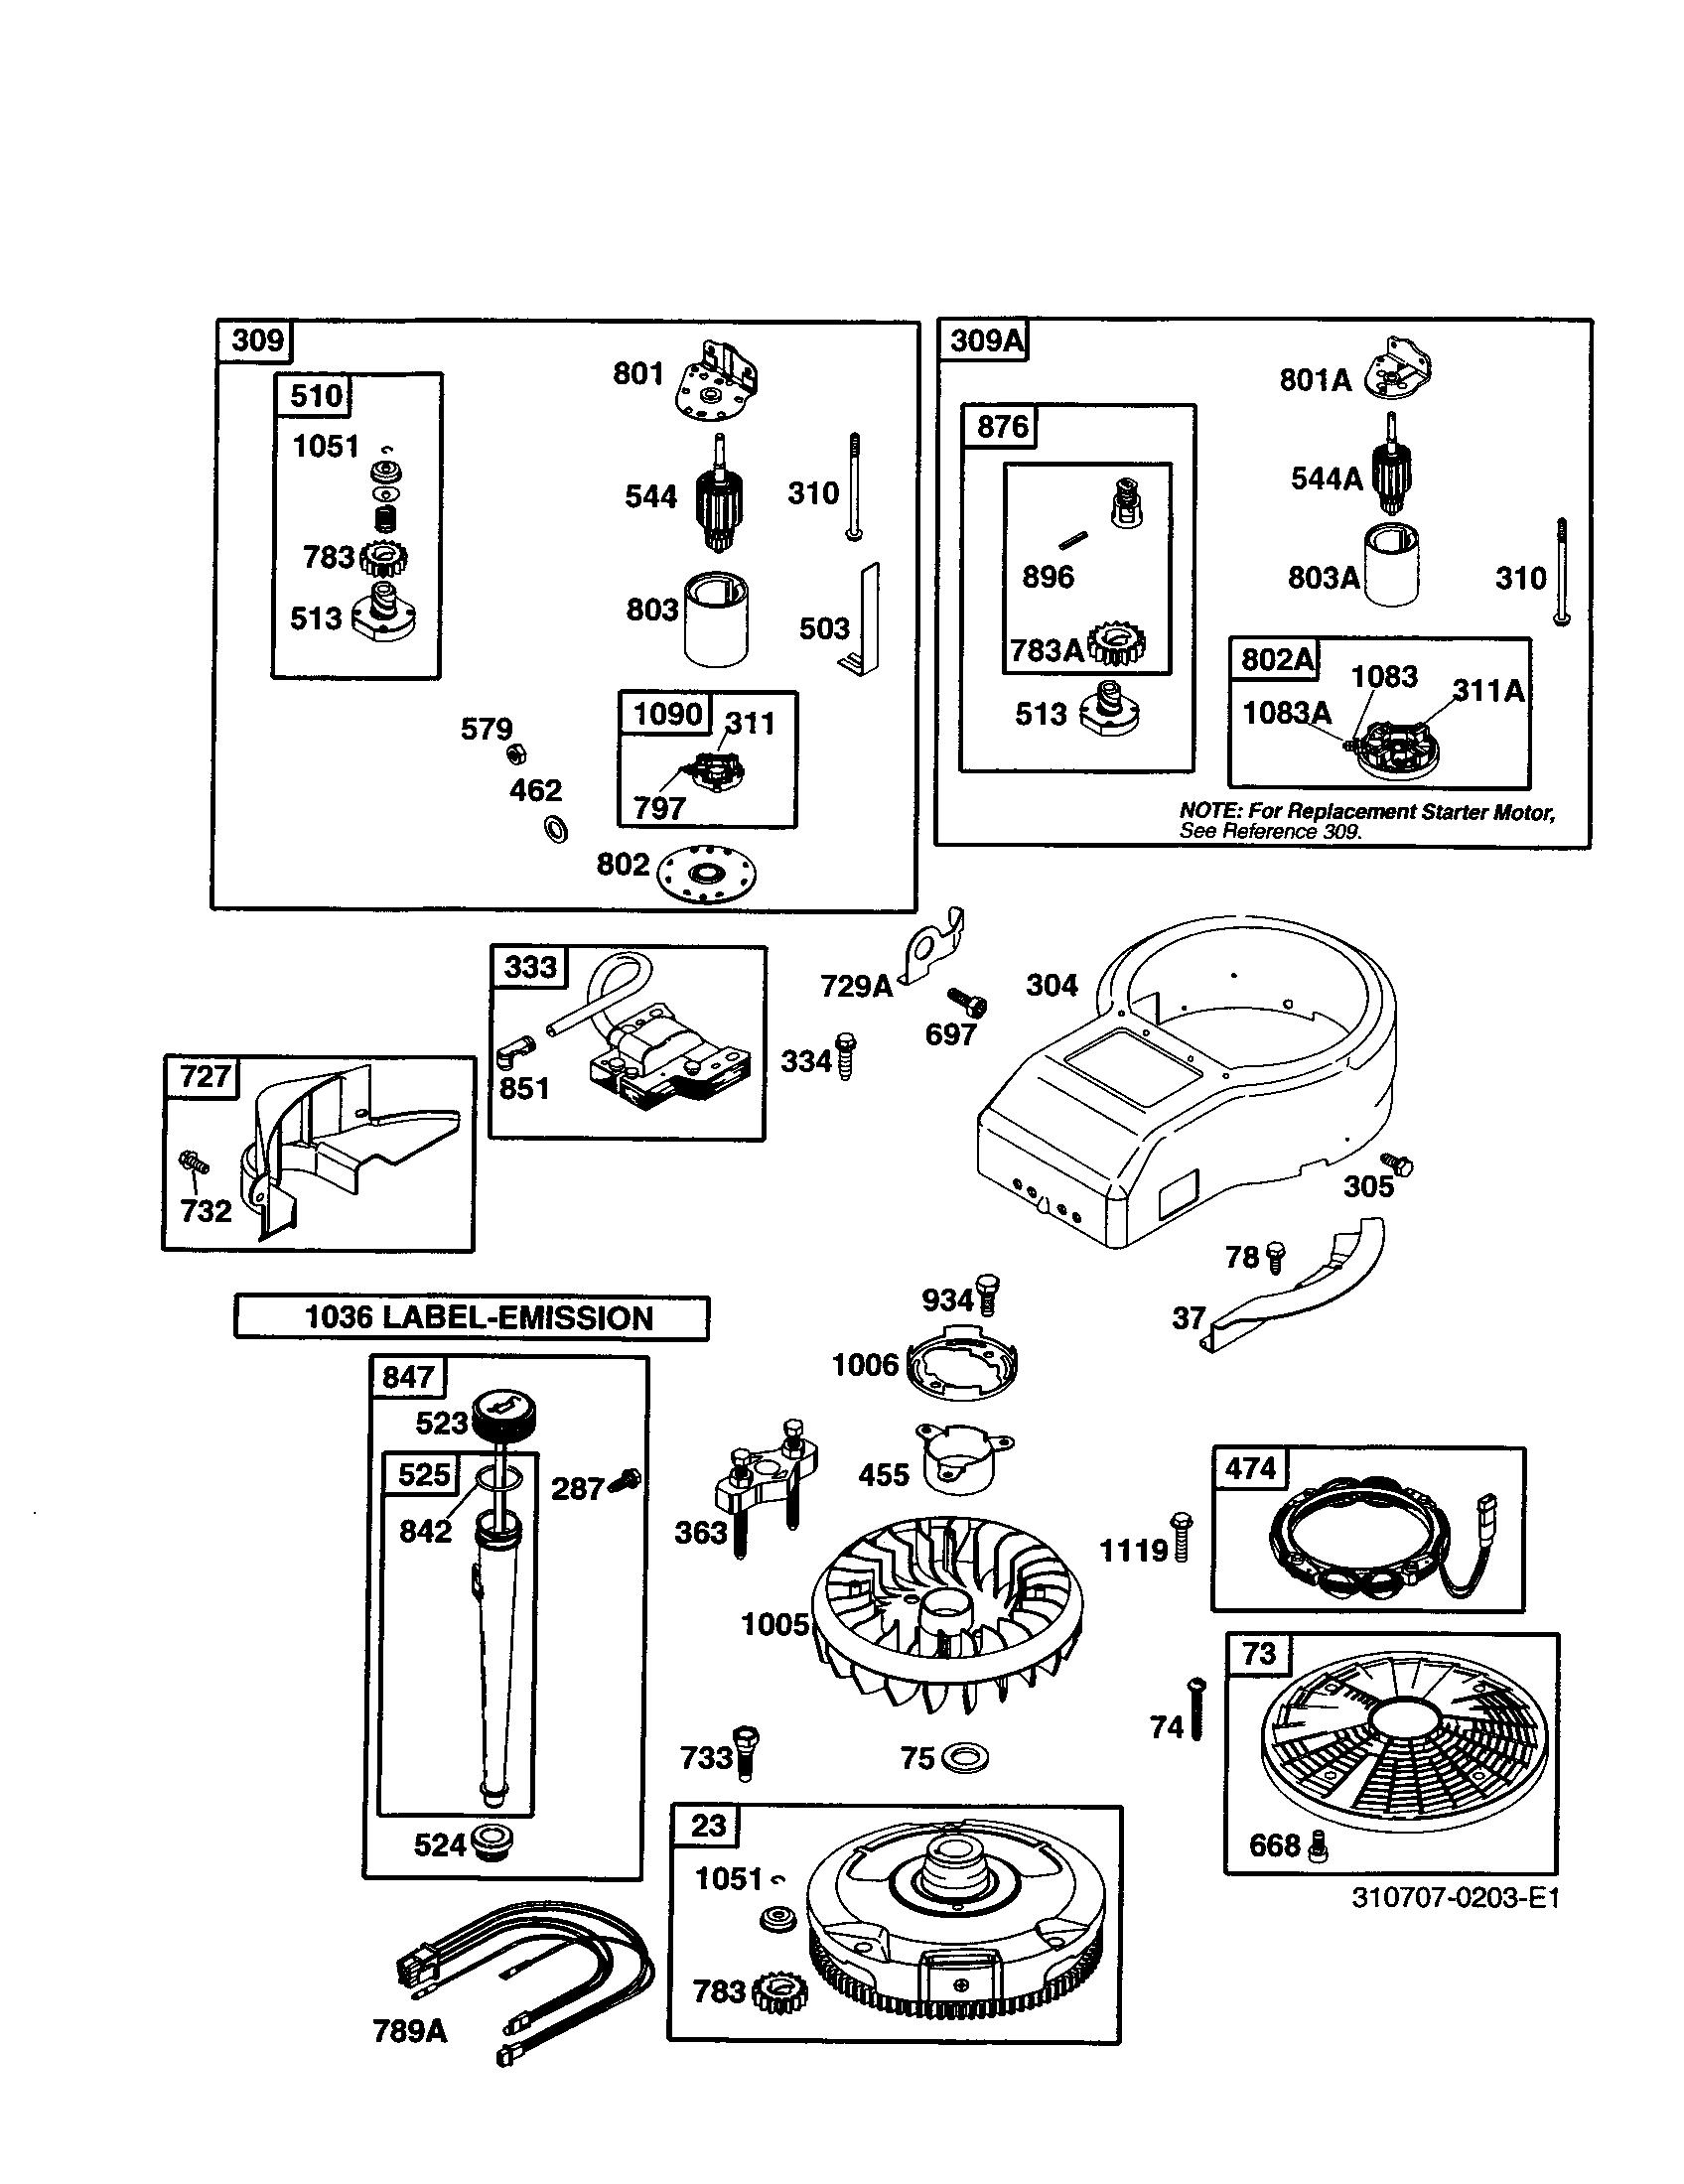 Briggs-Stratton model 310707-0203-E1 engine genuine parts